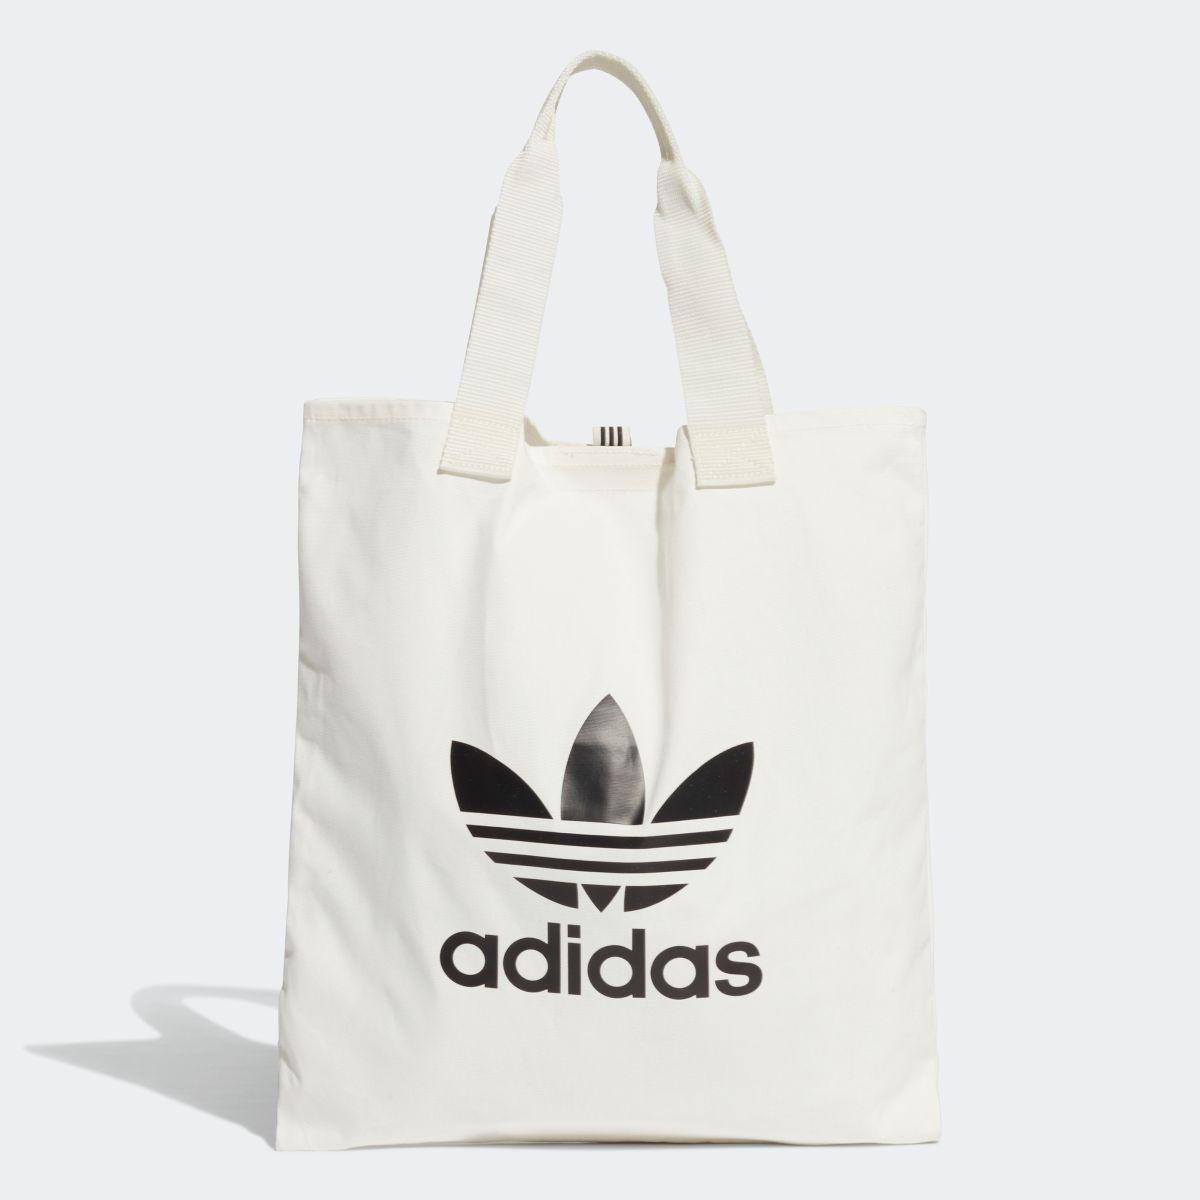 全品! 4/9 17:00~4/15 16:59 【公式】アディダス adidas トレフォイル ショッパーバッグ レディース DX2047 ライフスタイル アクセサリー